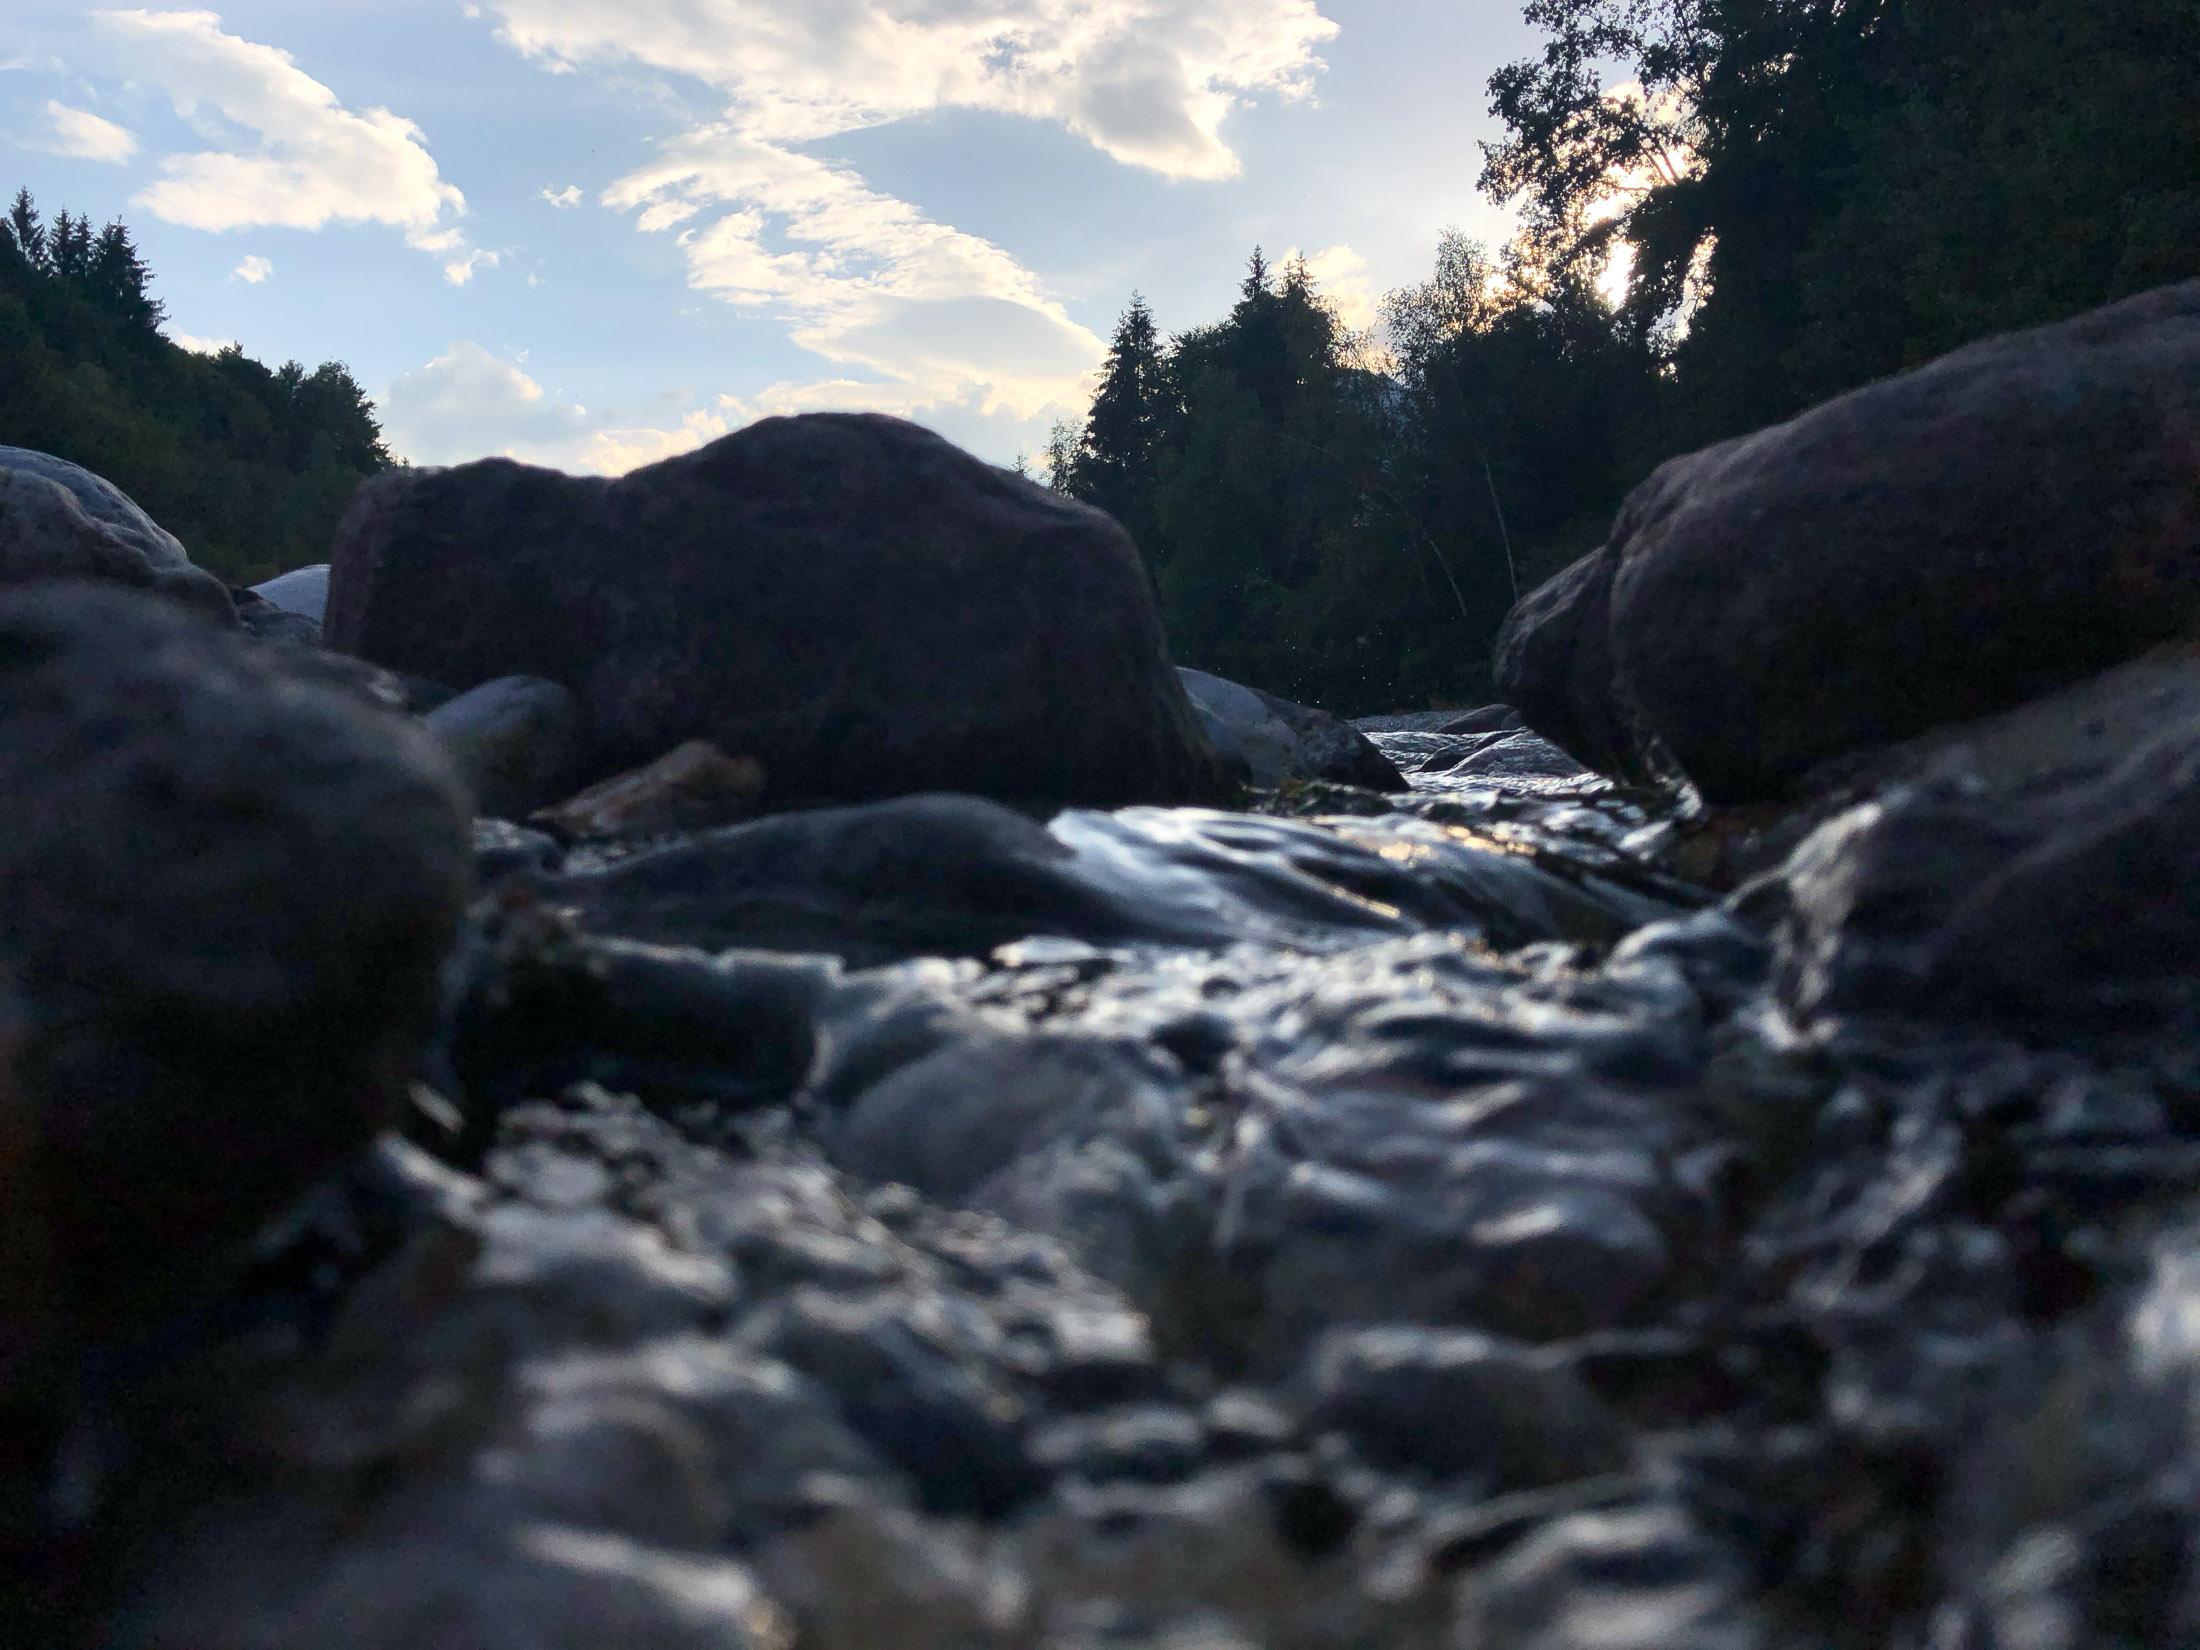 Aufnahme kurz vor Sonnenuntergang in dunkler Umgebung mit dem iPhone X, Hack4Life, Fabian Geissler, Kamera, Vergleich, seriös, unabhängig, unglaublich